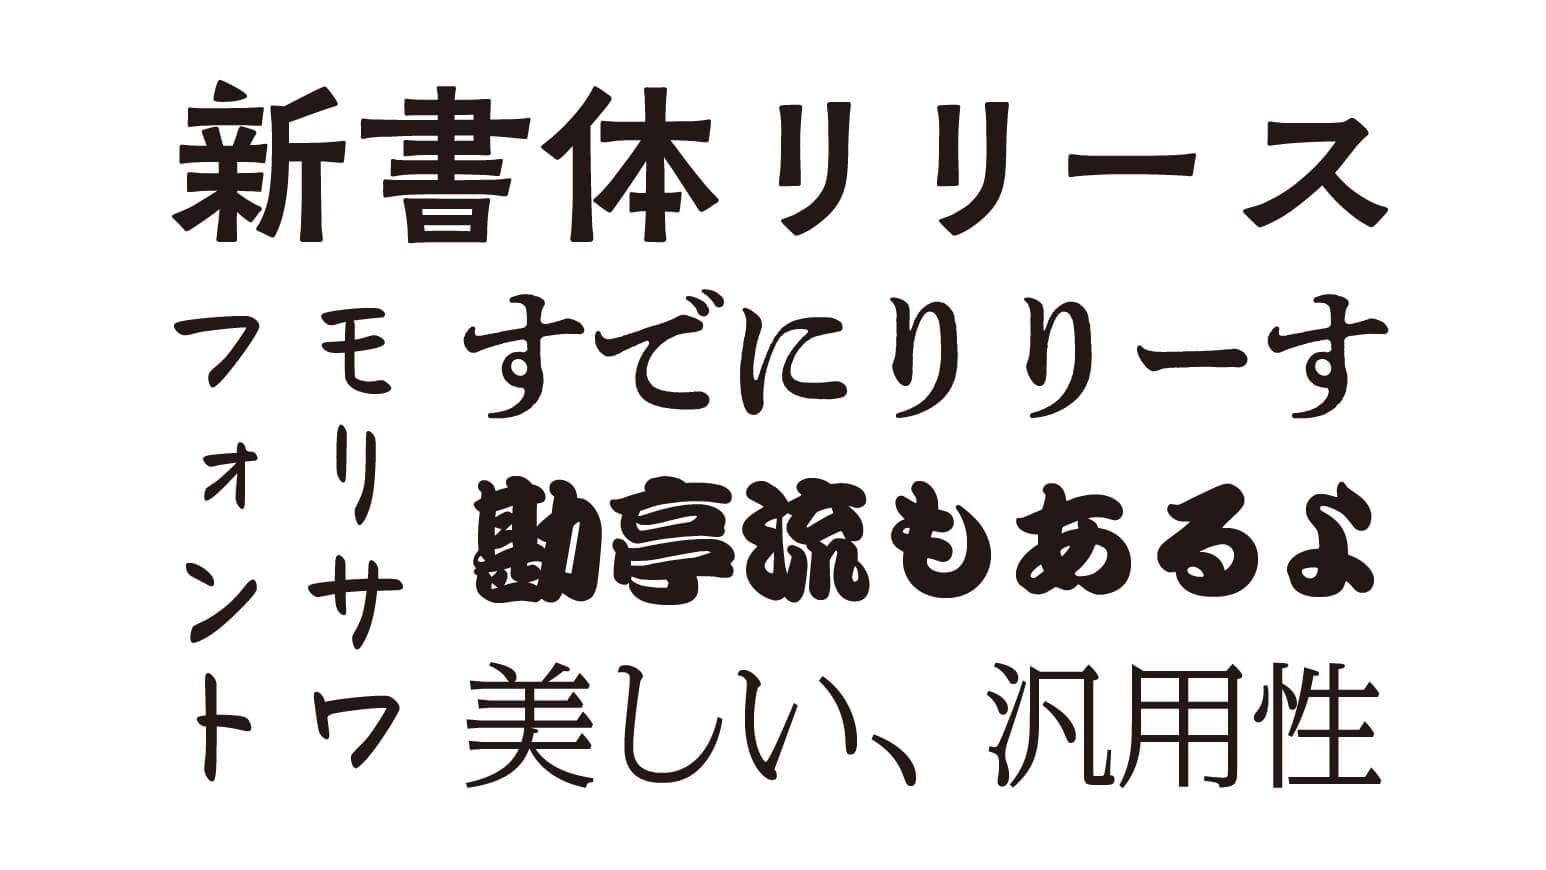 【2020年11月】モリサワフォントに新書体が追加!